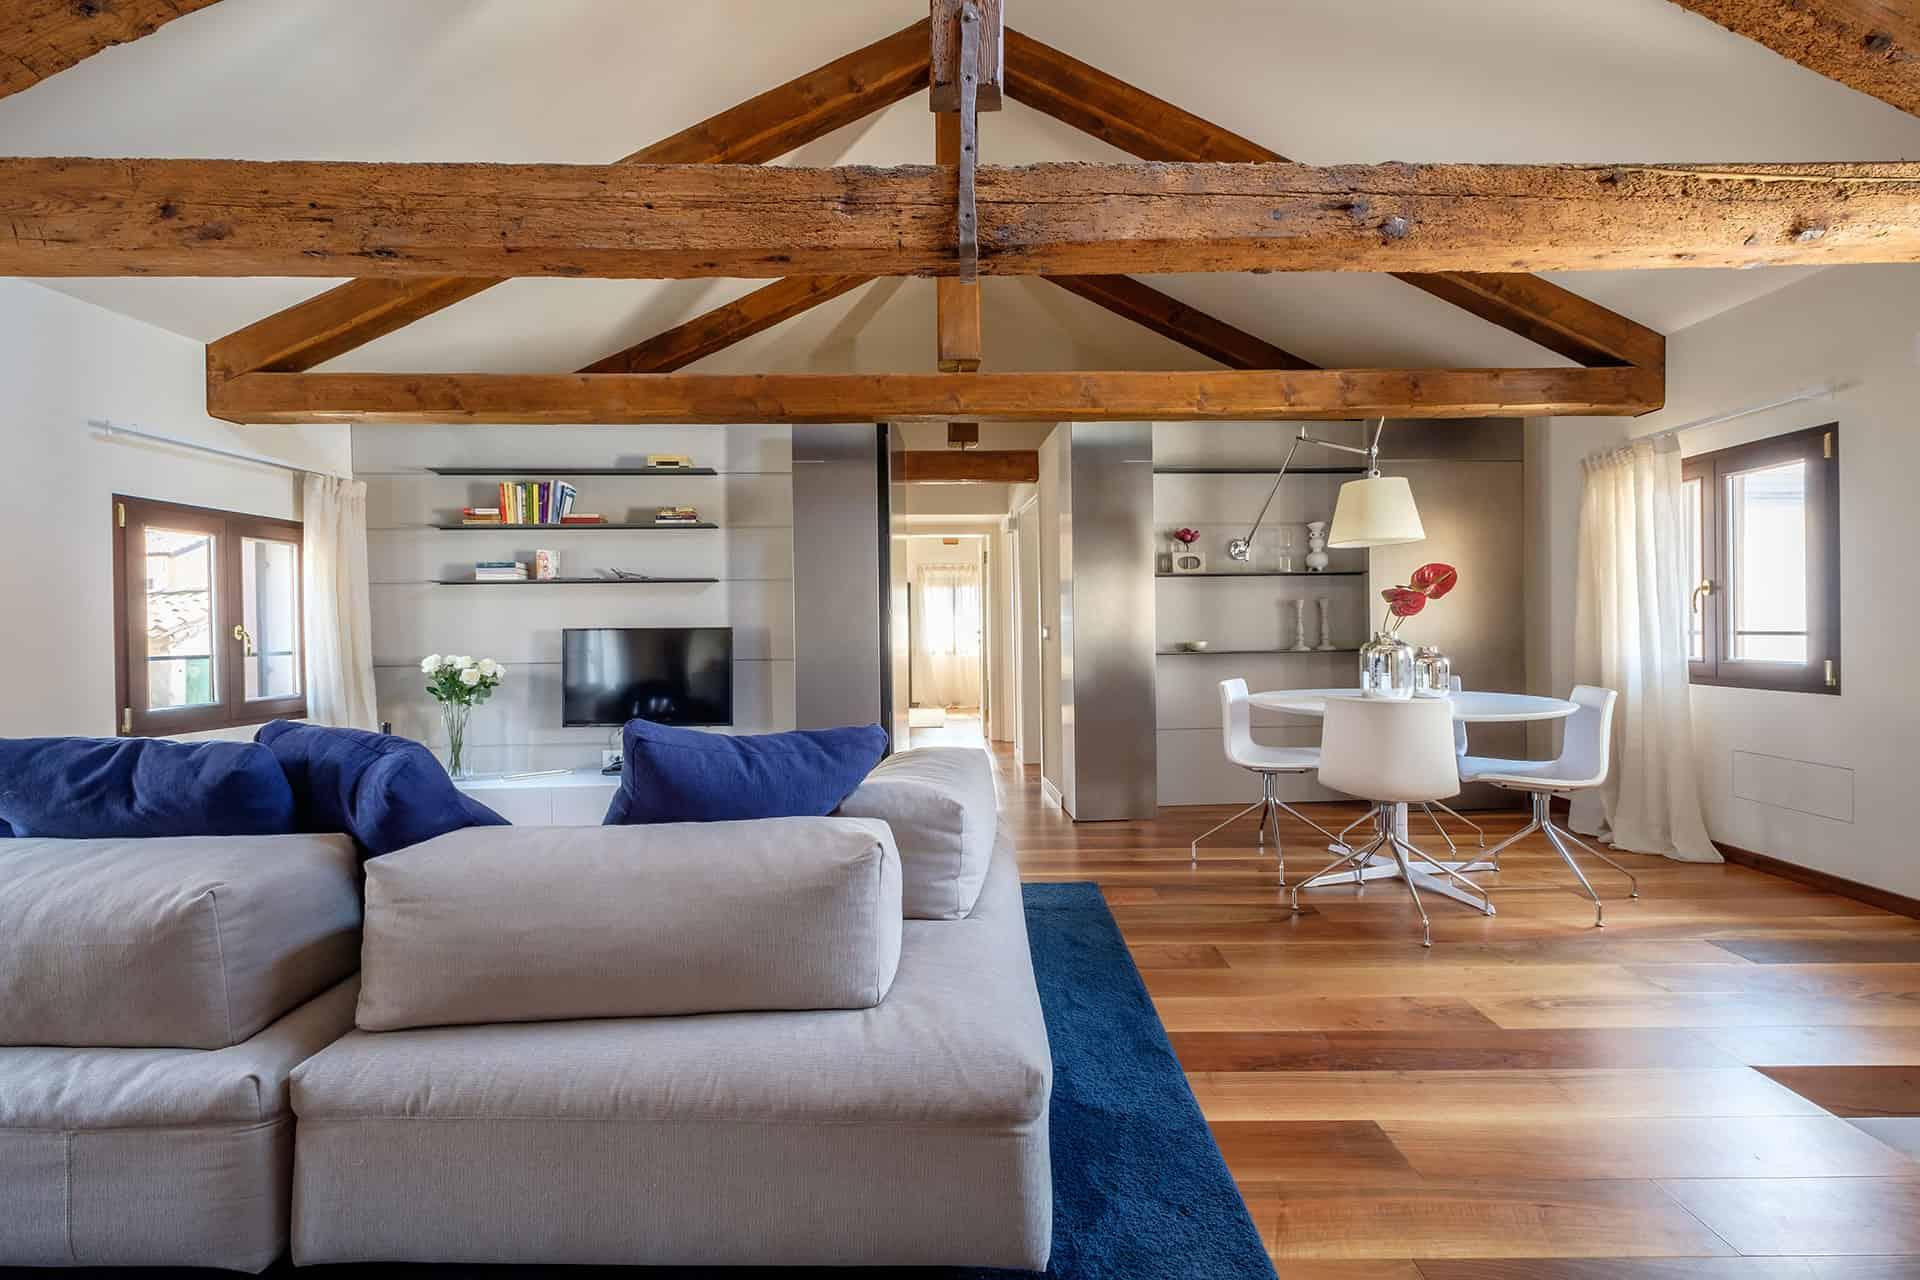 Salle vénitienne moderne avec parquet et design minimaliste – Appartement élégant à Venise